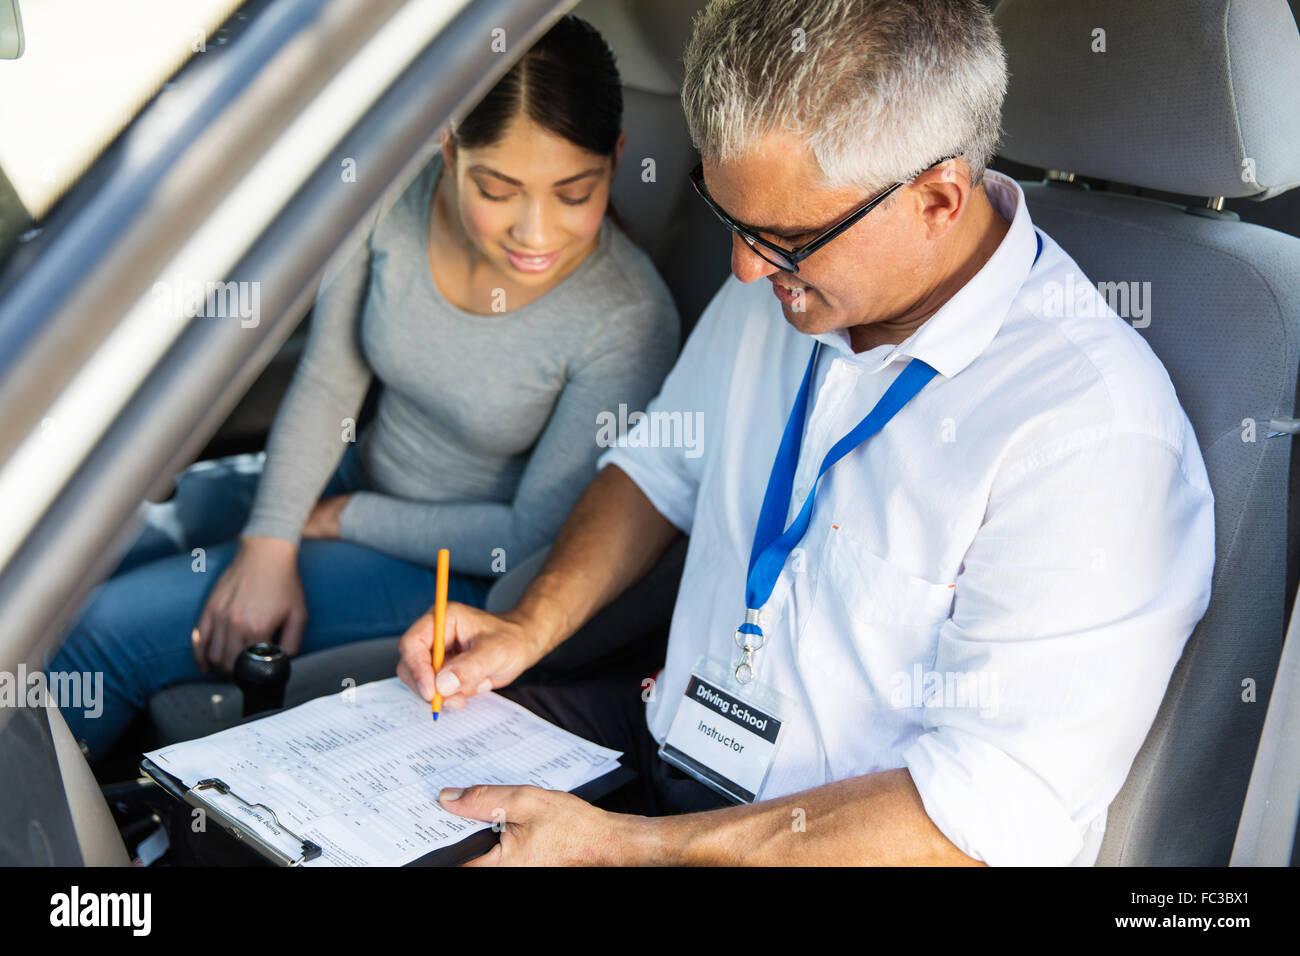 Ritratto di senior istruttore di guida e driver dello studente durante la lezione Immagini Stock